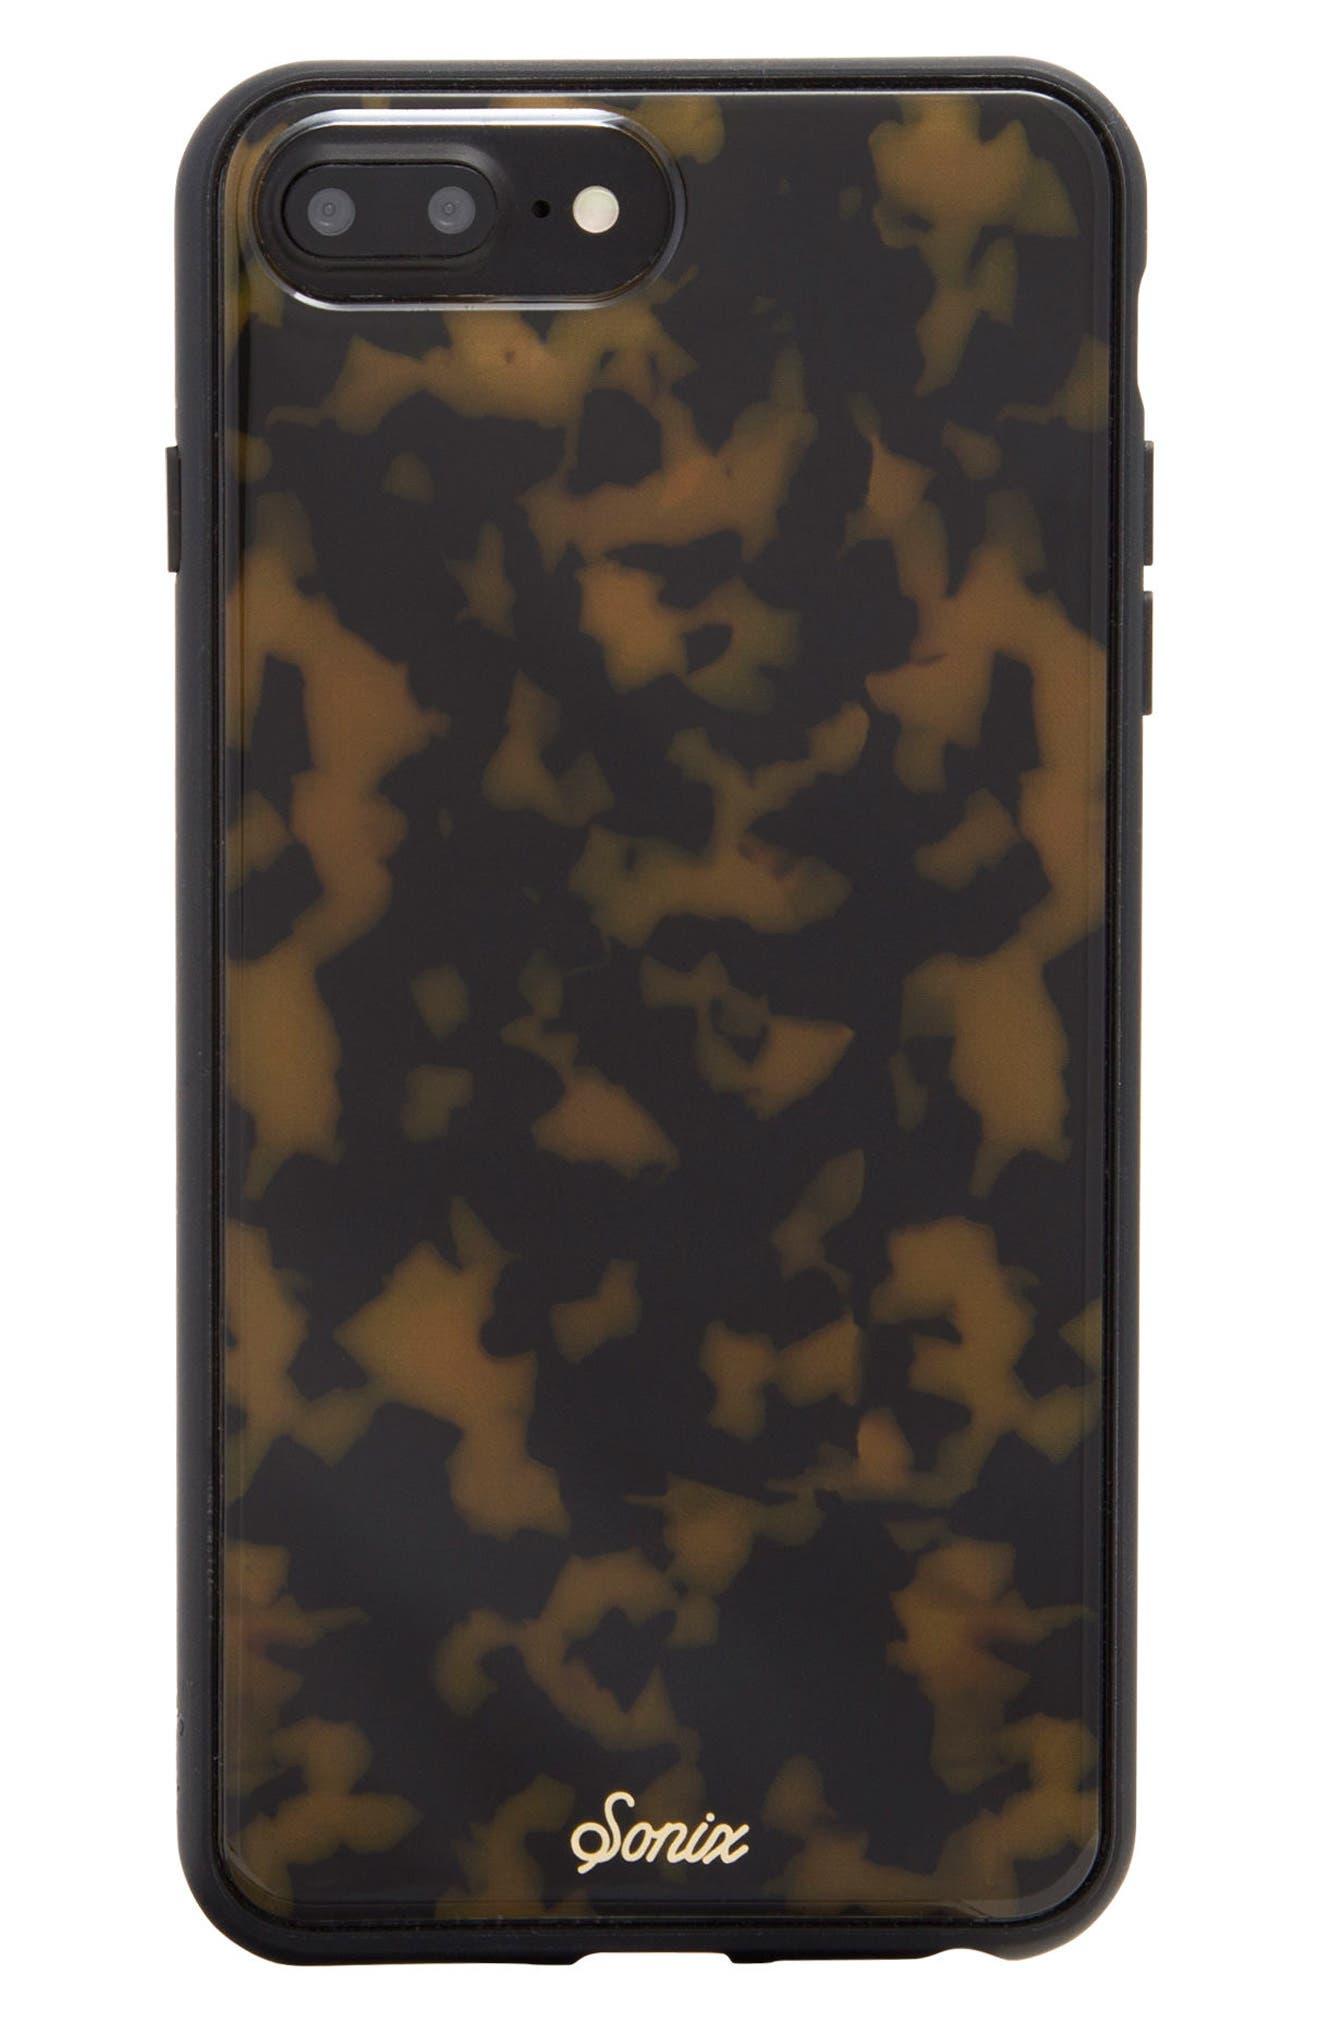 Main Image - Sonix Tortoise iPhone 6/6s/7/8 & 6/6s/7/8 Plus Case